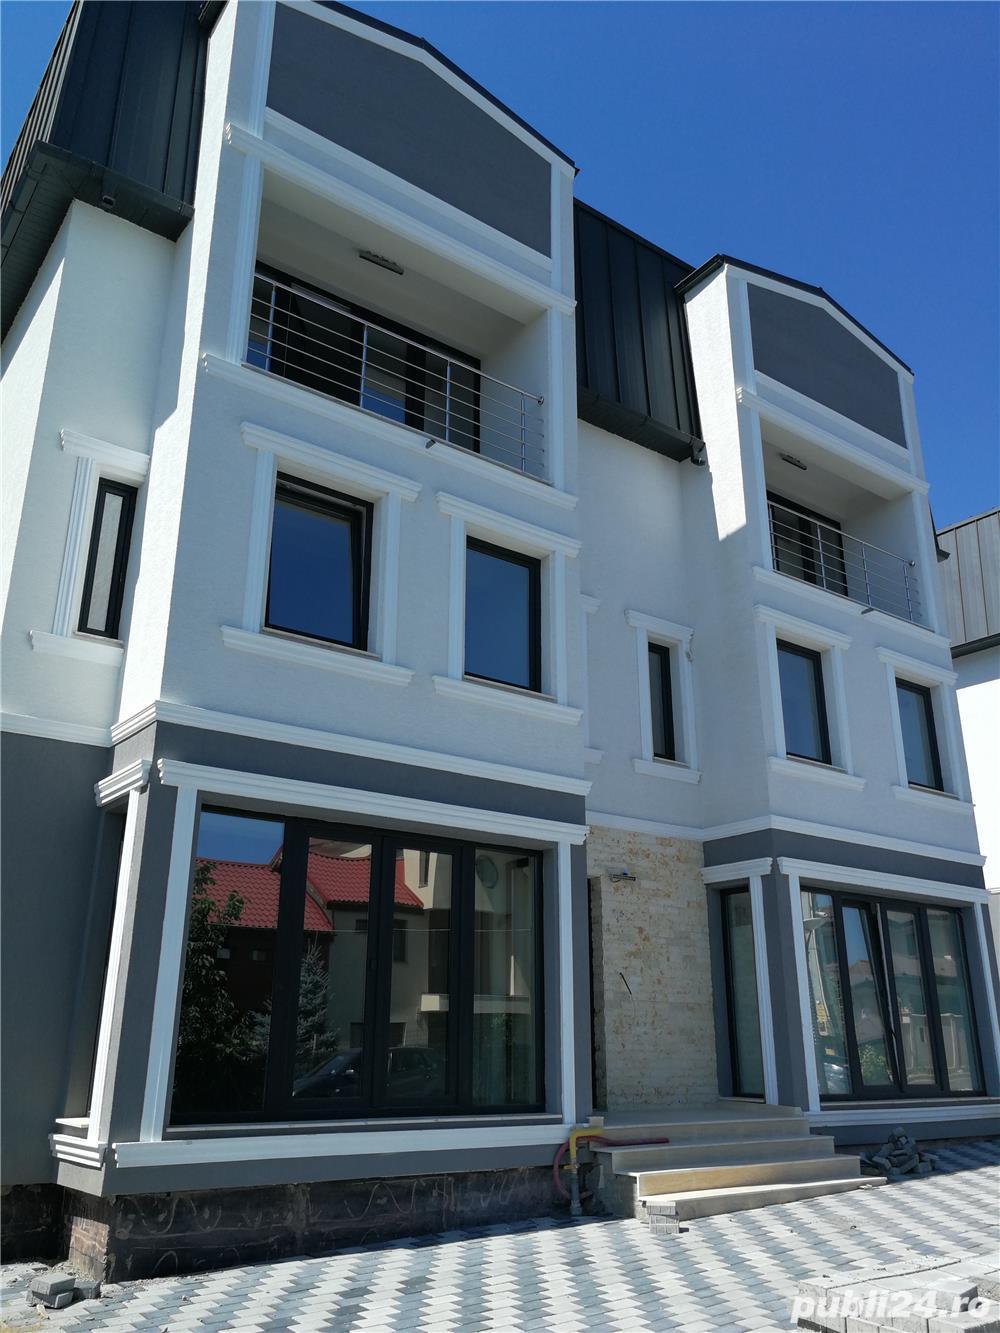 Numar contact 0747708730!, Apartament 2 camere53mp  Galata Mun Iasi,46900 euro